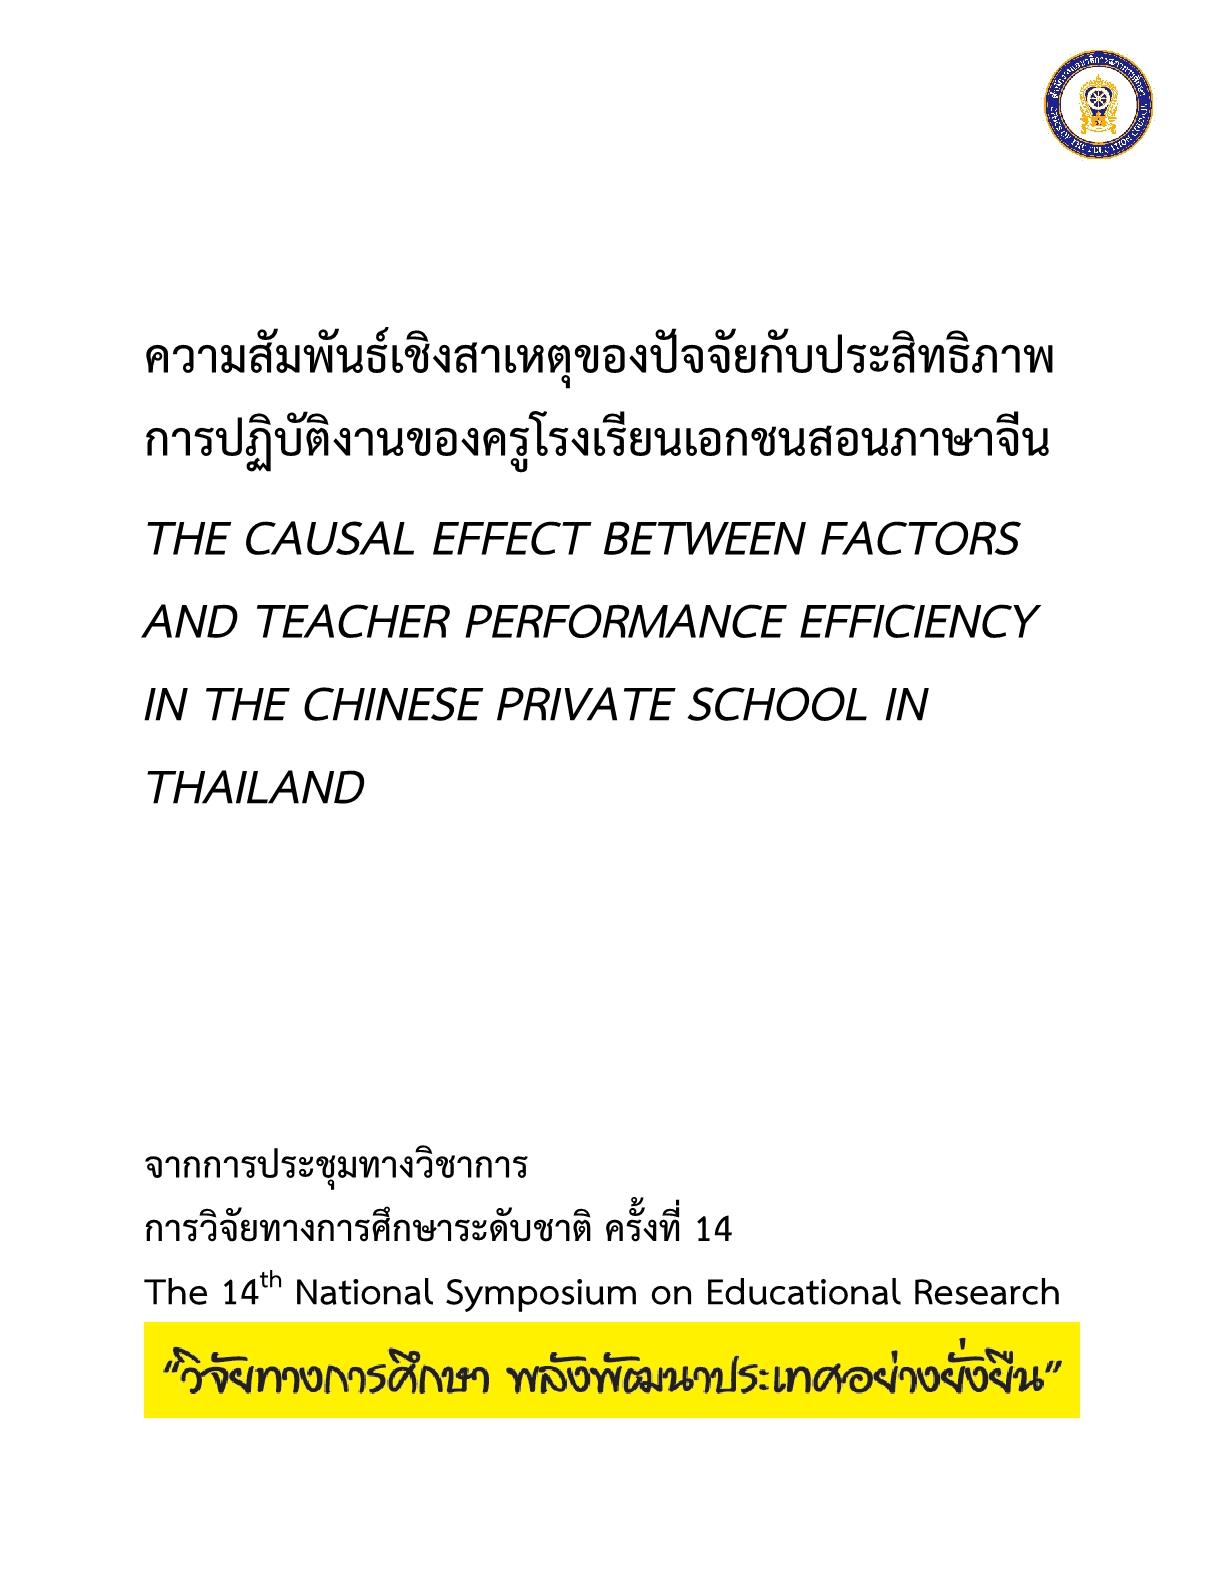 ความสัมพันธ์เชิงสาเหตุของปัจจัยกับประสิทธิภาพการปฏิบัติงานของครูโรงเรียนเอกชนสอนภาษาจีน